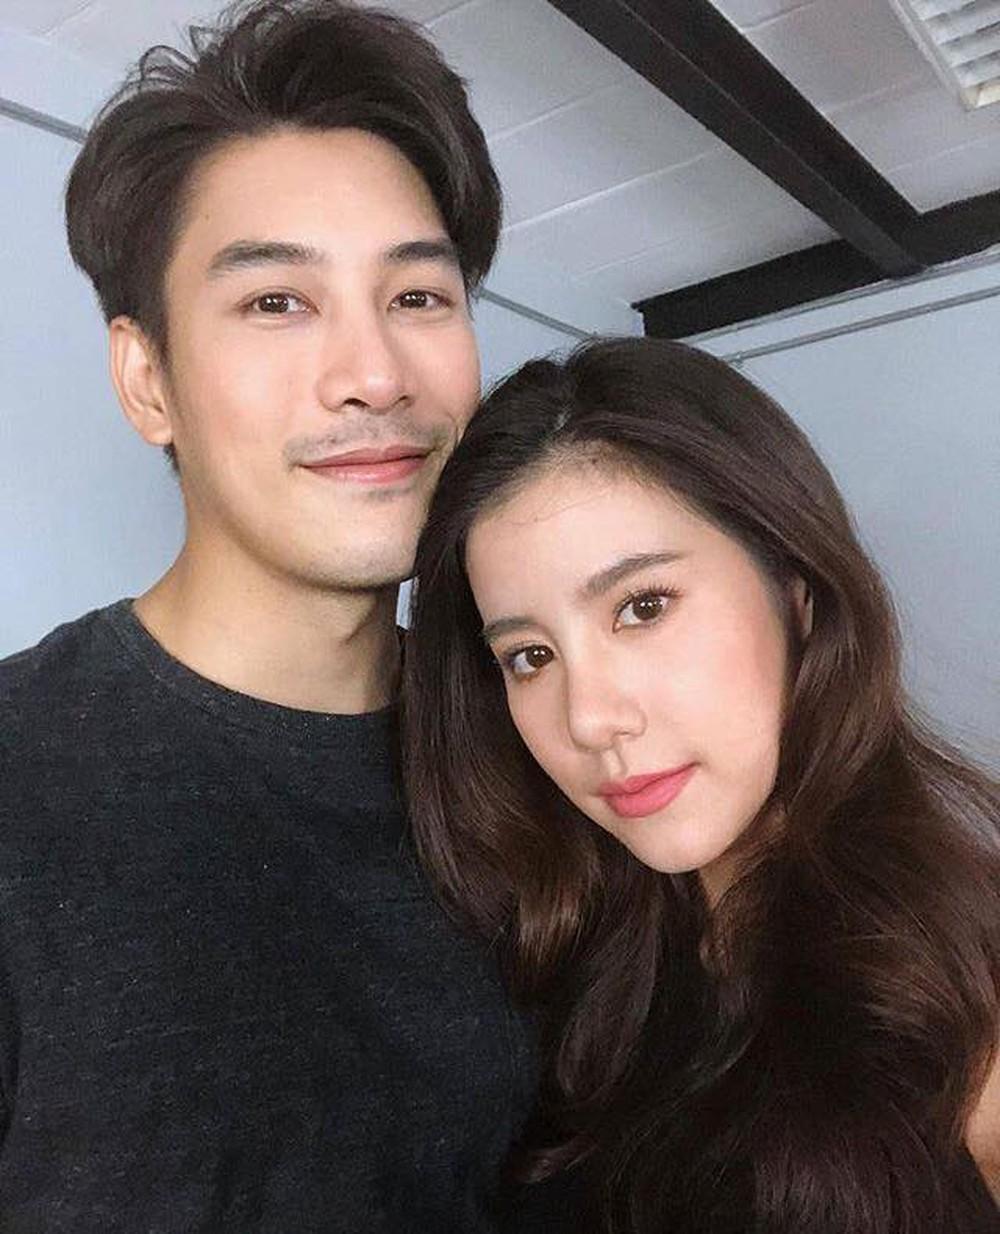 Những chuyện tình vượt nhà đài hot nhất showbiz Thái: Rắc rối như phim, Mario Maurer không ấn tượng bằng cặp đầu - Ảnh 11.